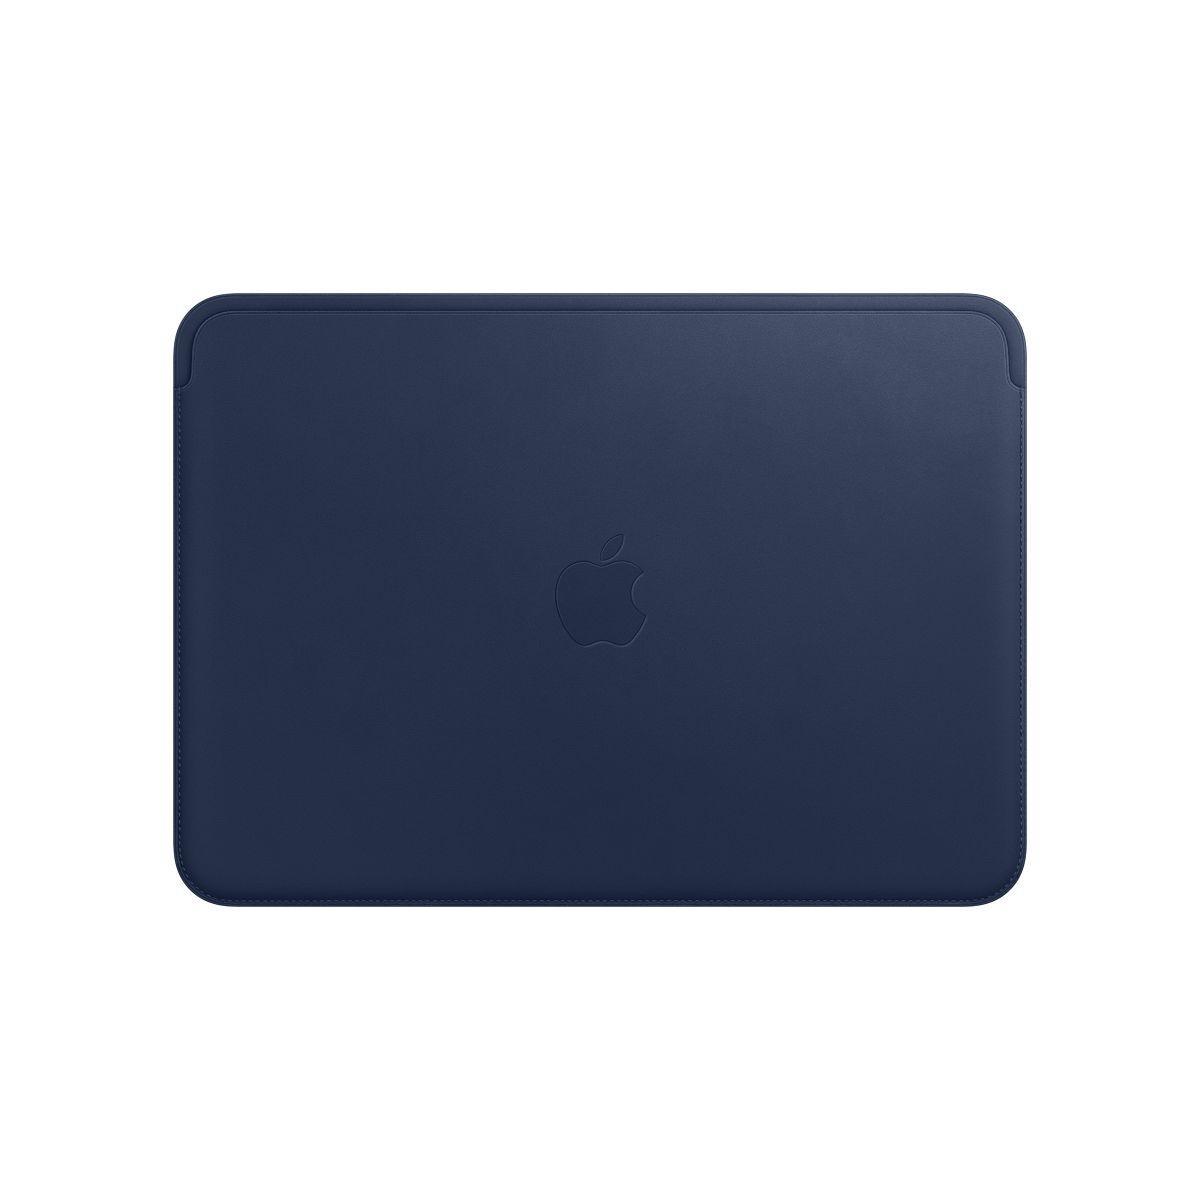 Housse apple macbook 12'' cuir bleu - livraison offerte : code liv